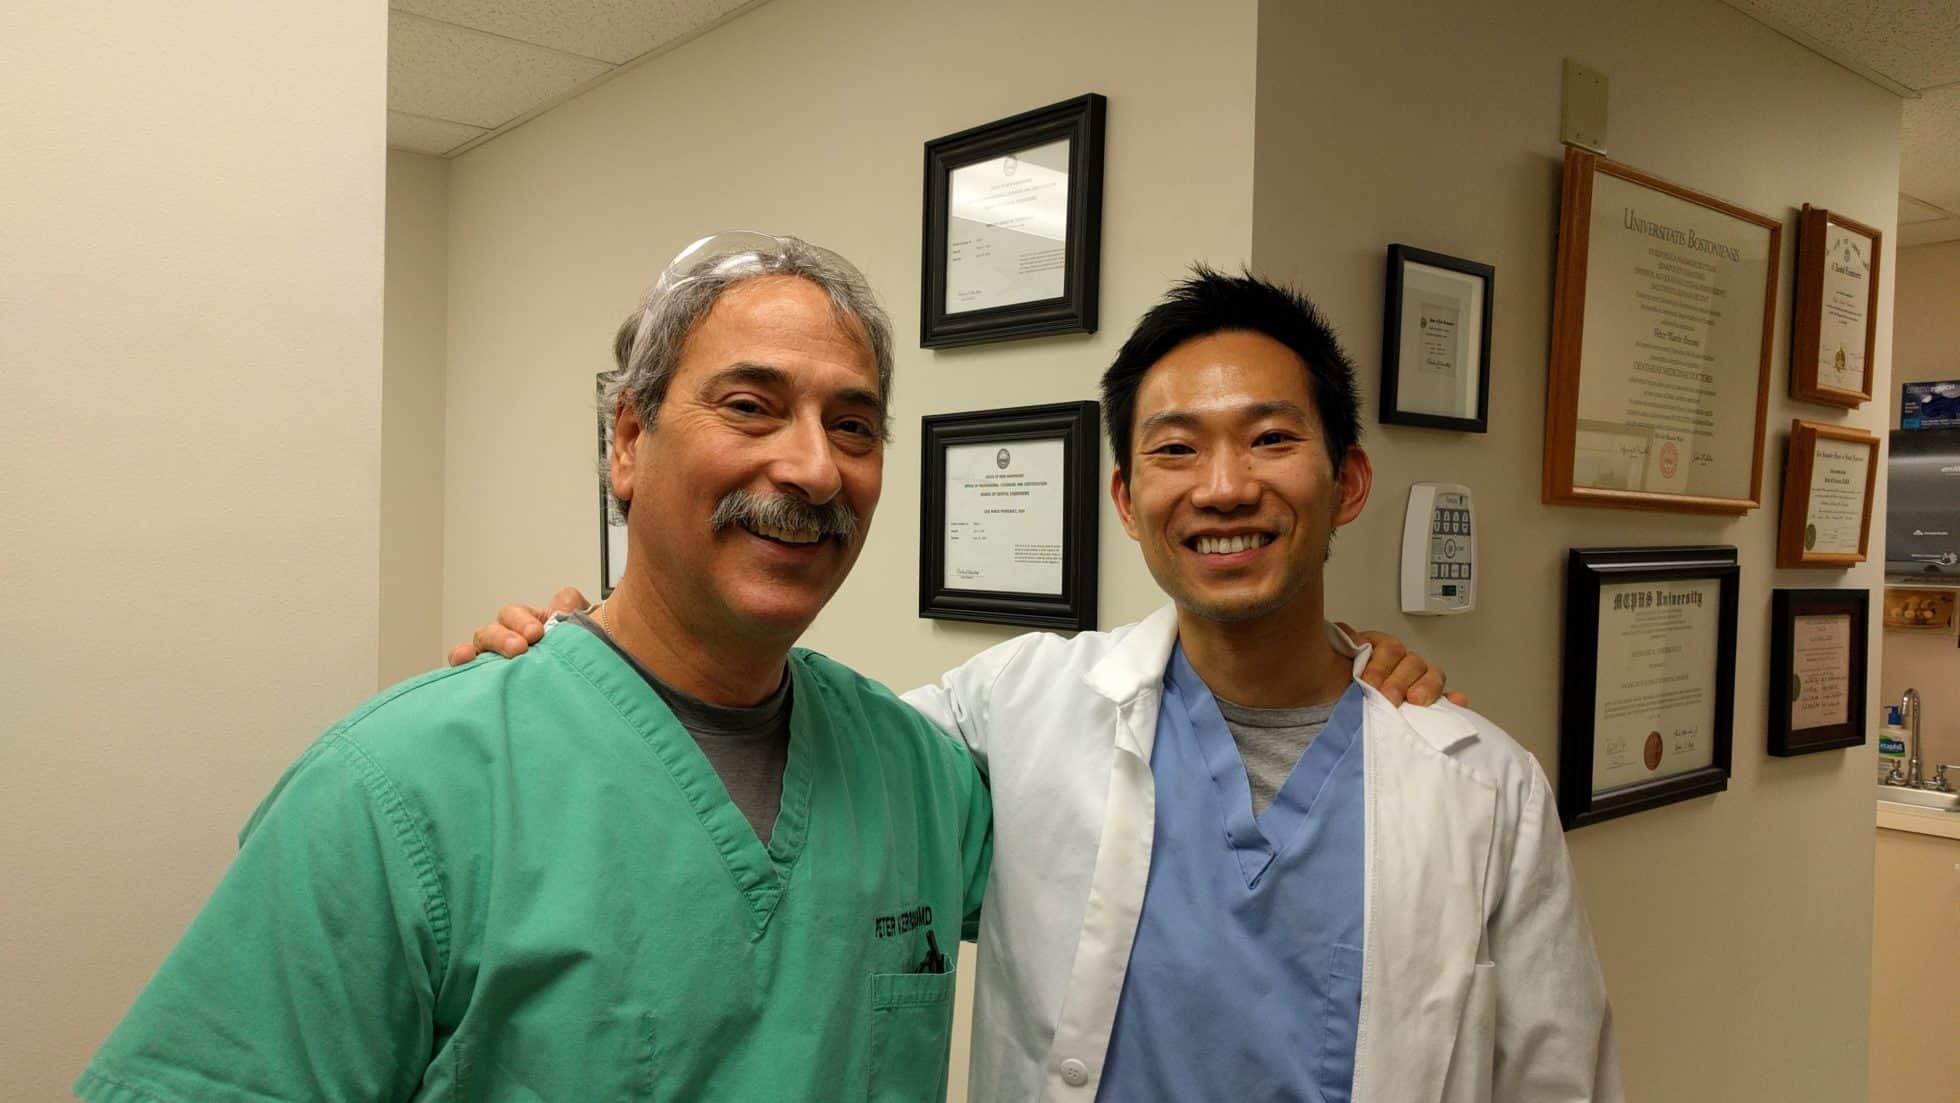 Dr. Cerroni and Dr. Lee